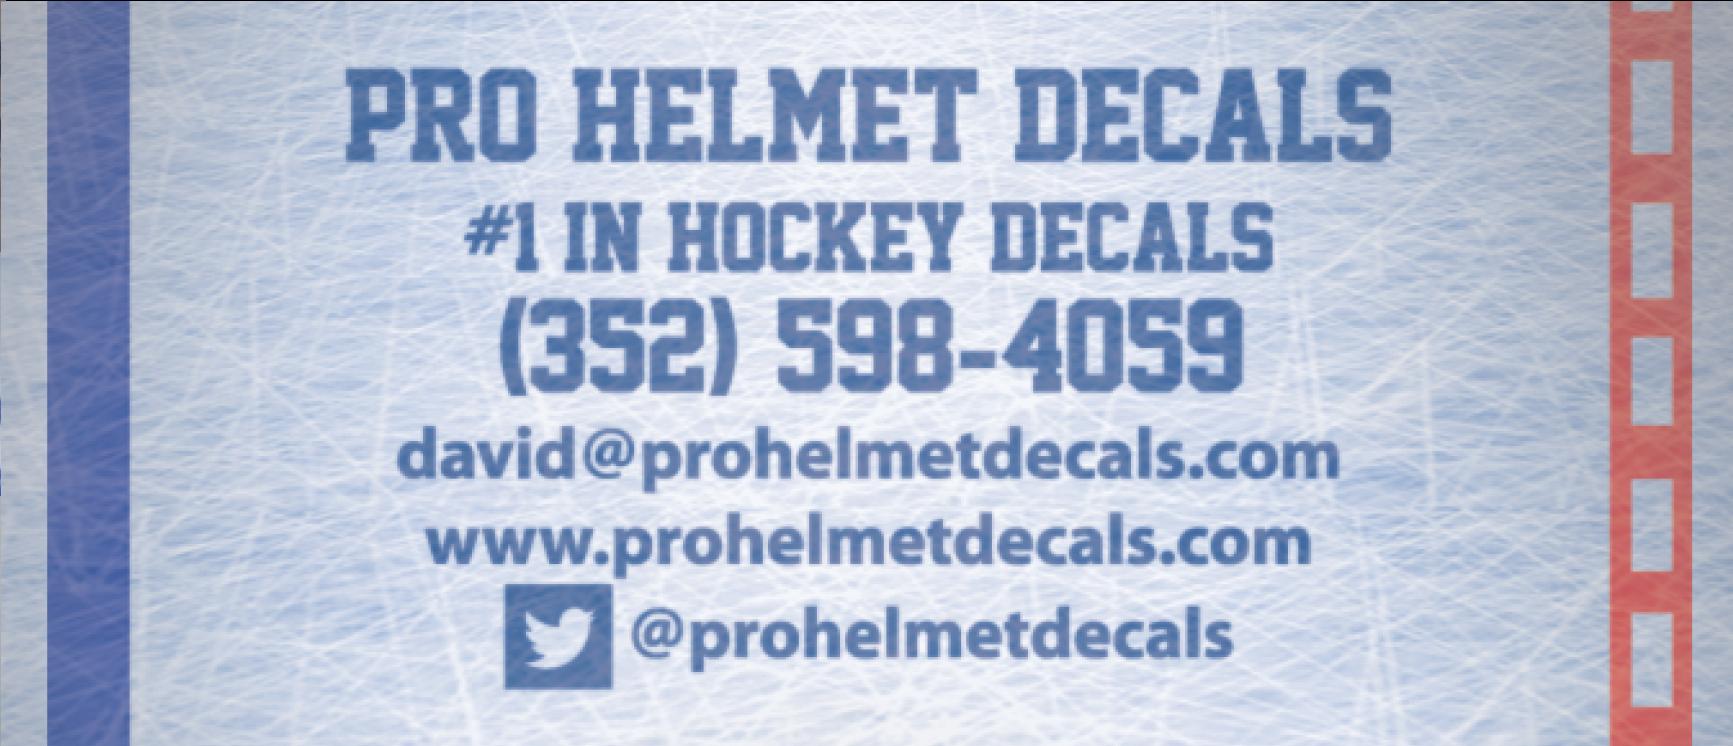 Pro Helmet Decals